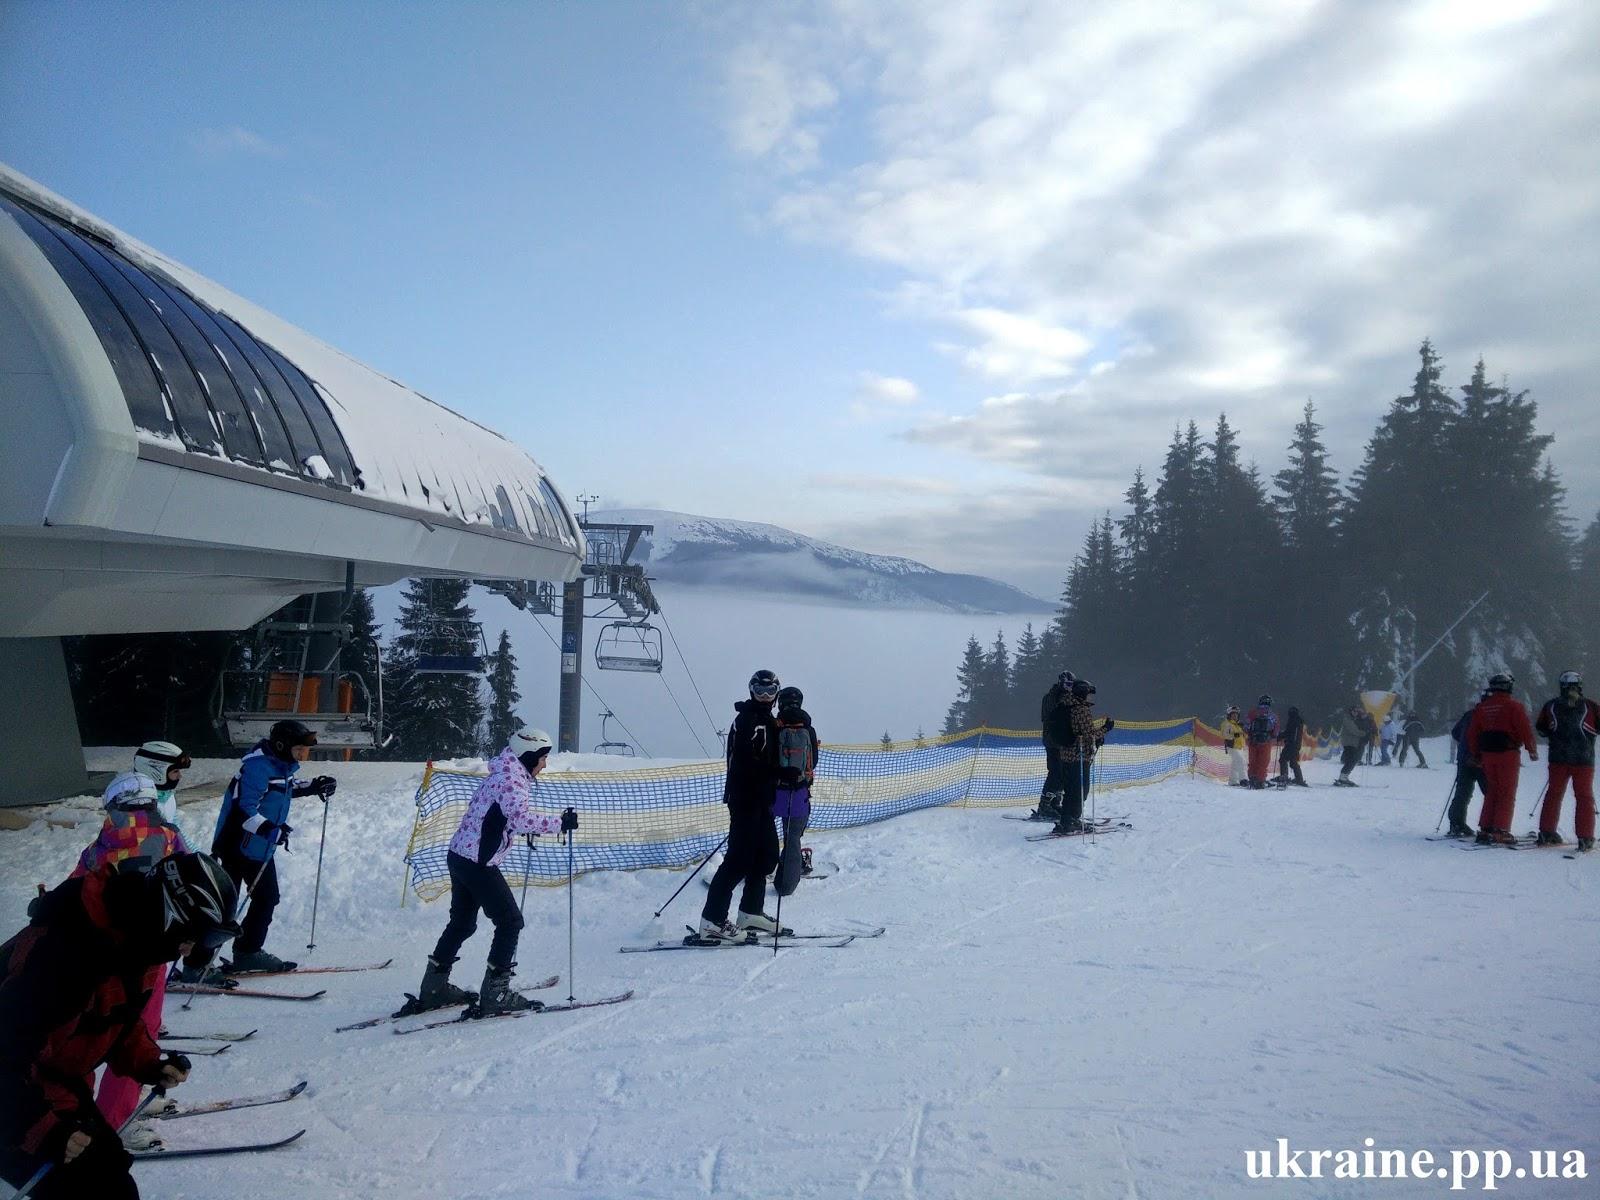 Буковель - горнолыжный курорт